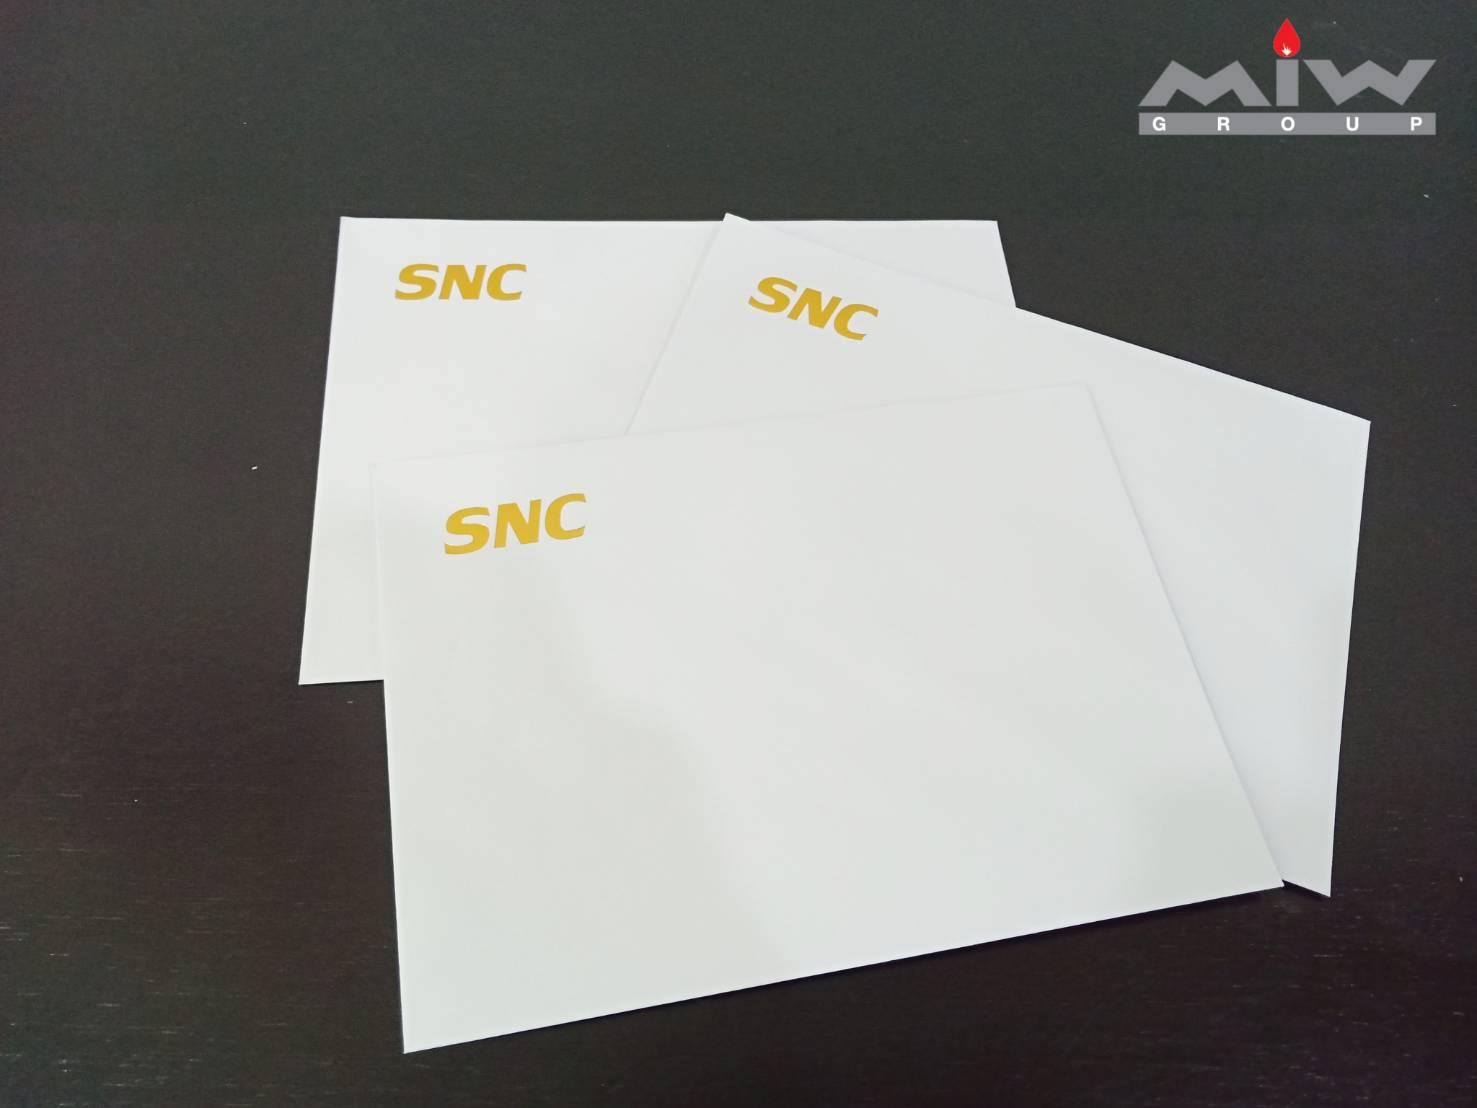 204598 - งานการ์ด SNC สวัสดีปีใหม่ 2563 พร้อมซอง